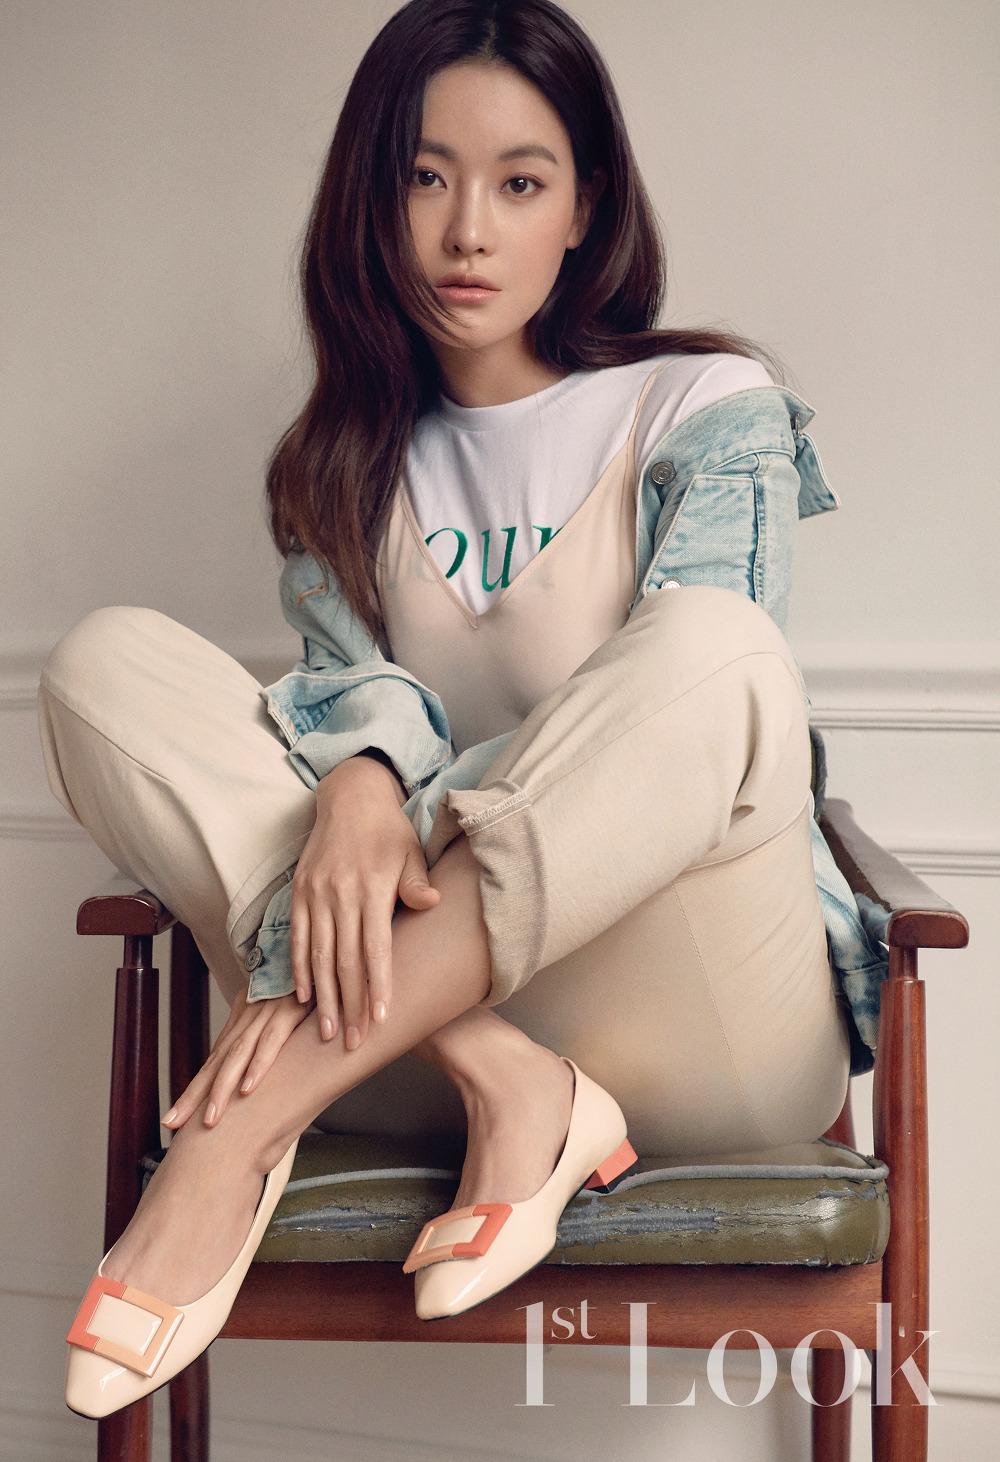 2018 3월호 퍼스트룩 오연서_브라운 재킷 스타일리스트 소중품, 레터링 티 앳코너, 크롭트 와이드 데님 팬츠